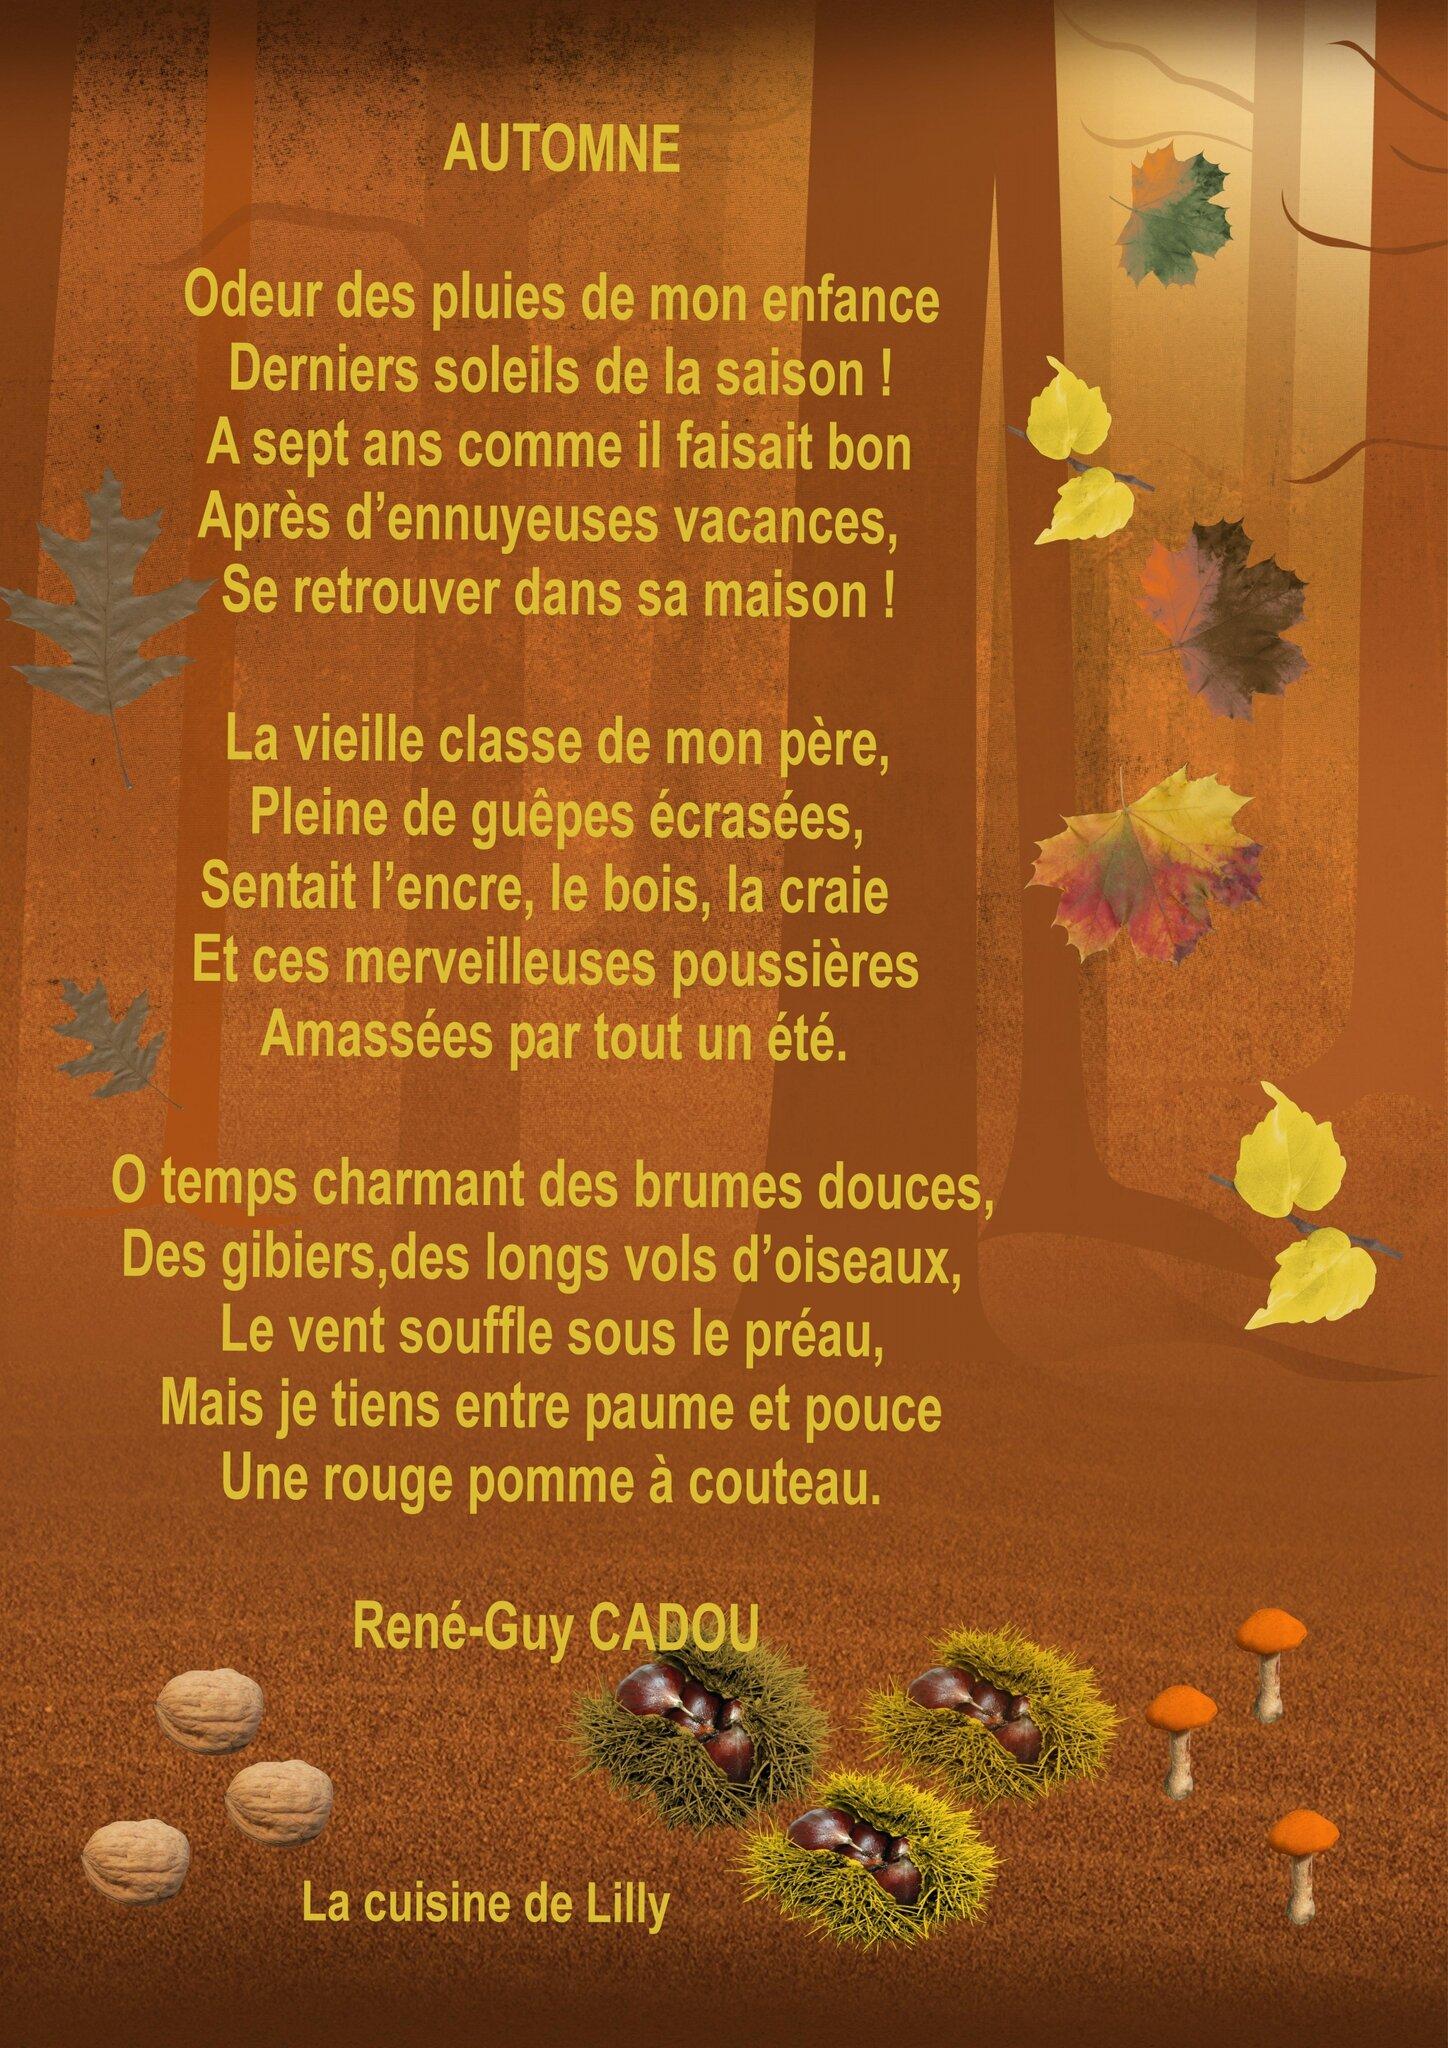 automne la cuisine de lilly